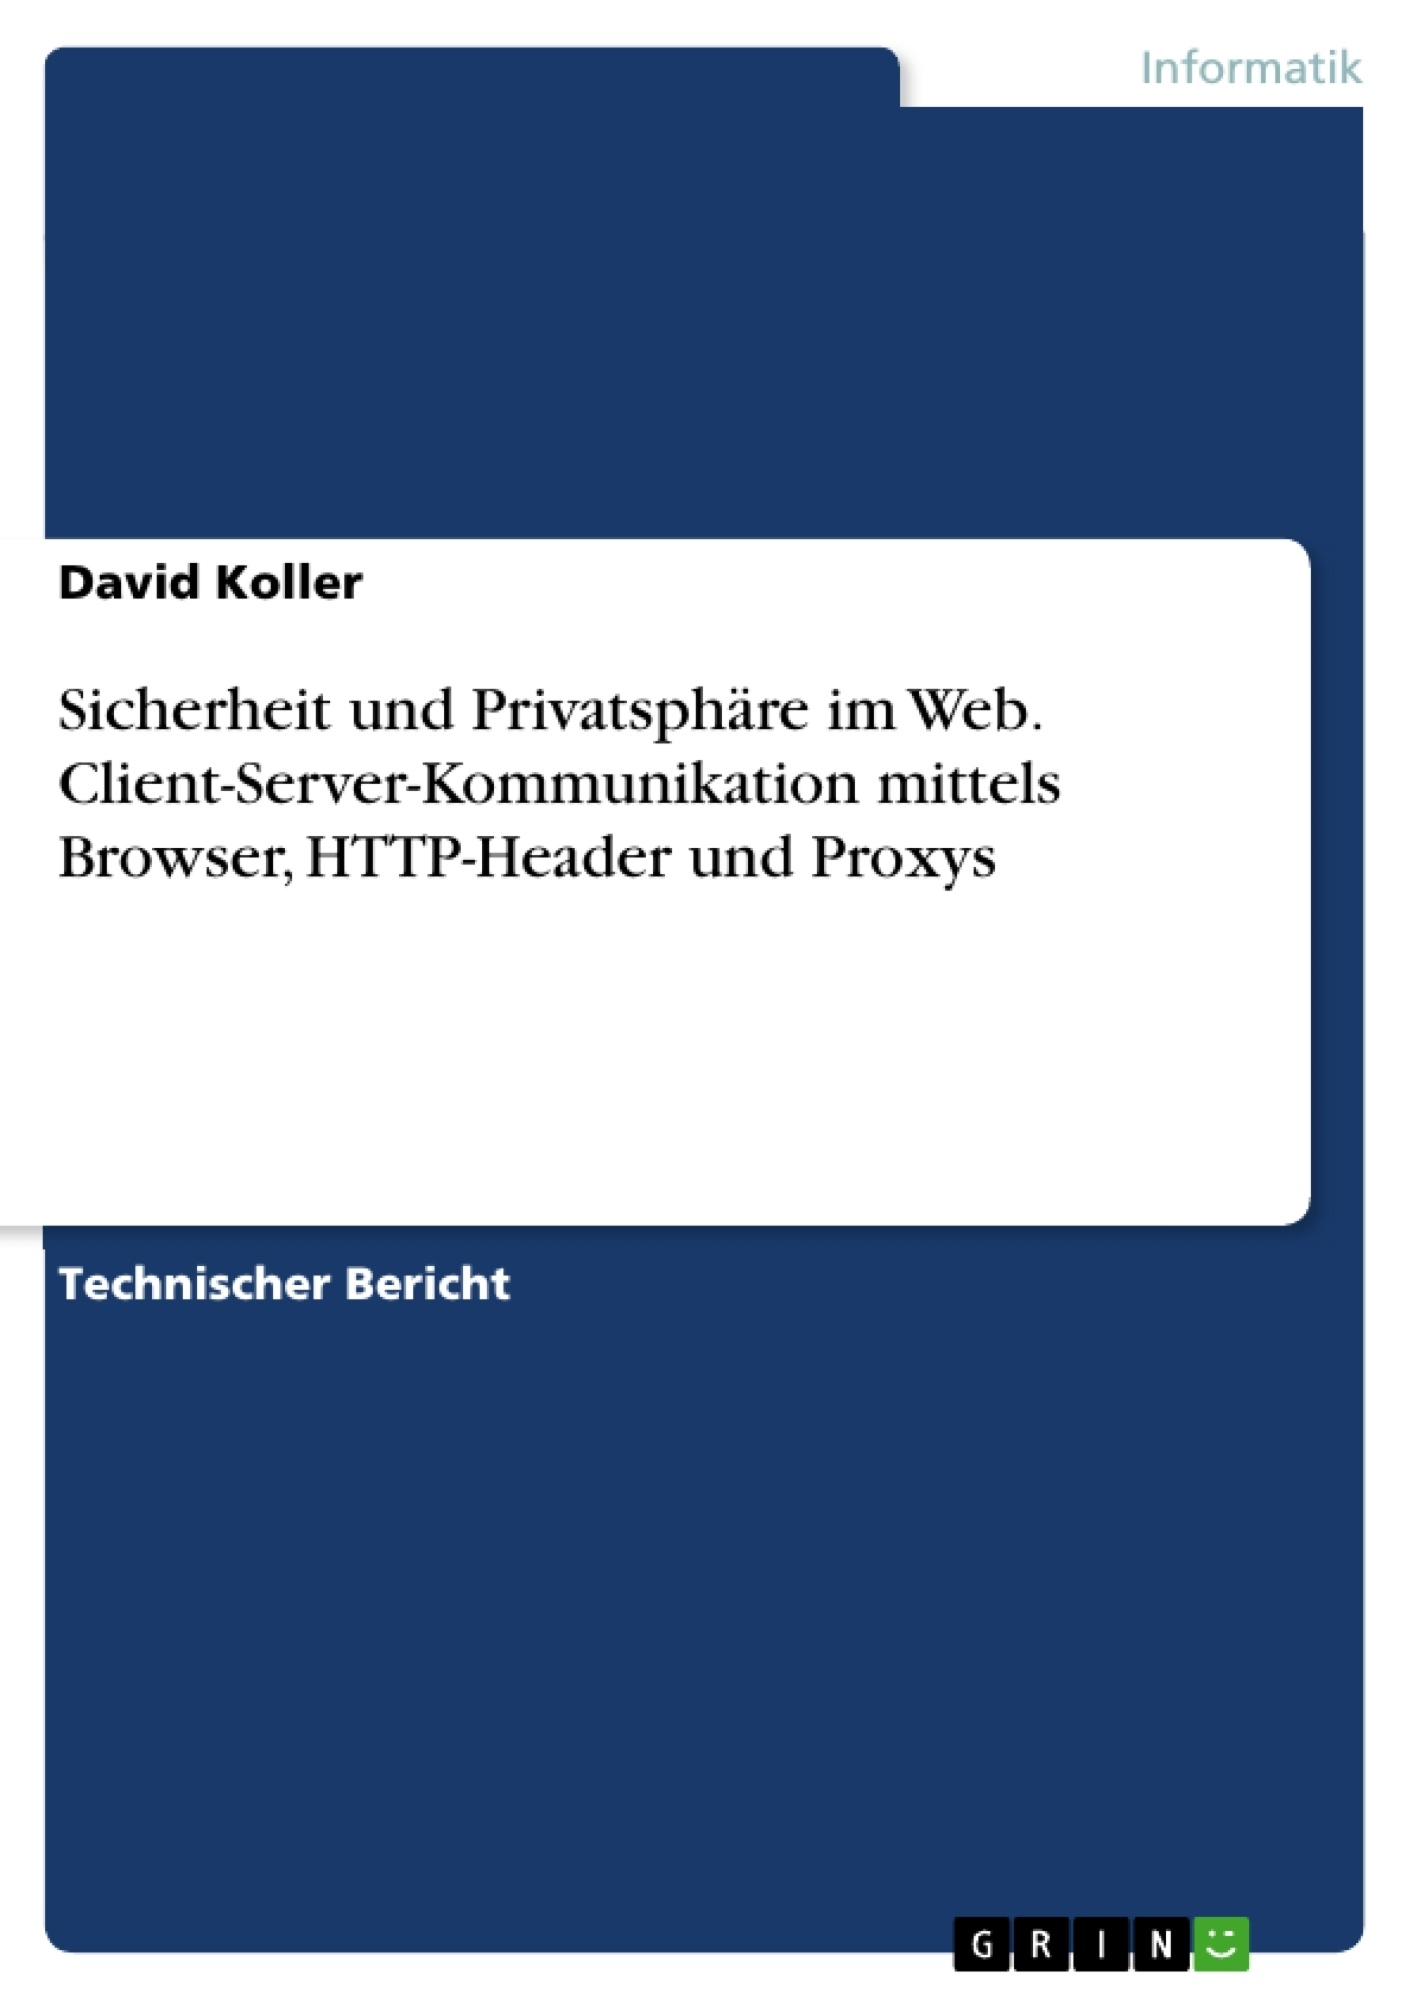 Titel: Sicherheit und Privatsphäre im Web. Client-Server-Kommunikation mittels Browser, HTTP-Header und Proxys